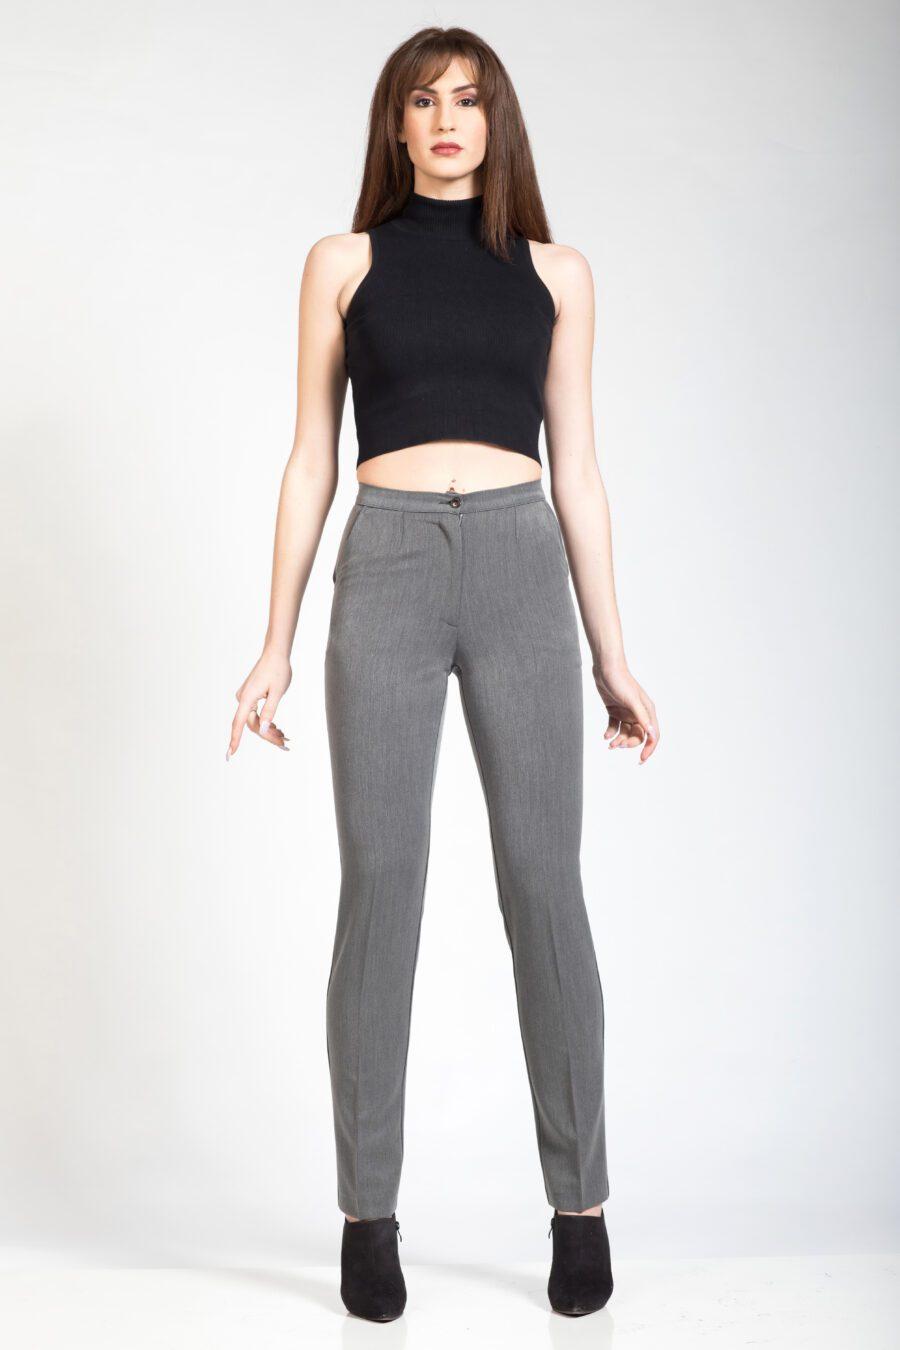 Γκρι γυναικείο παντελόνι με τσέπες